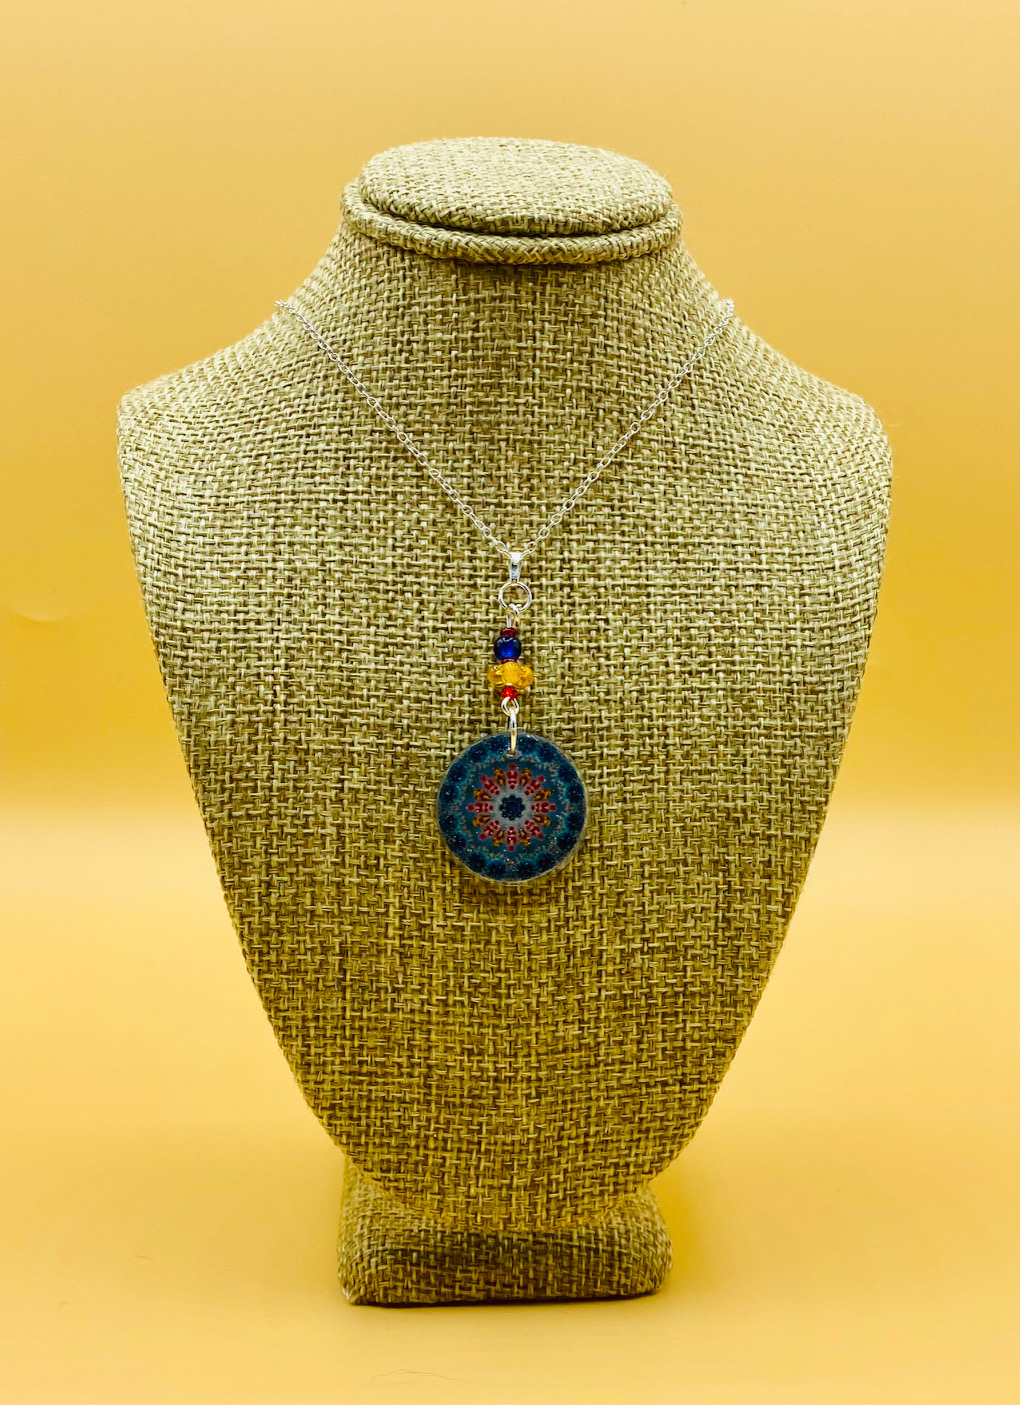 Protection Mandala Necklace